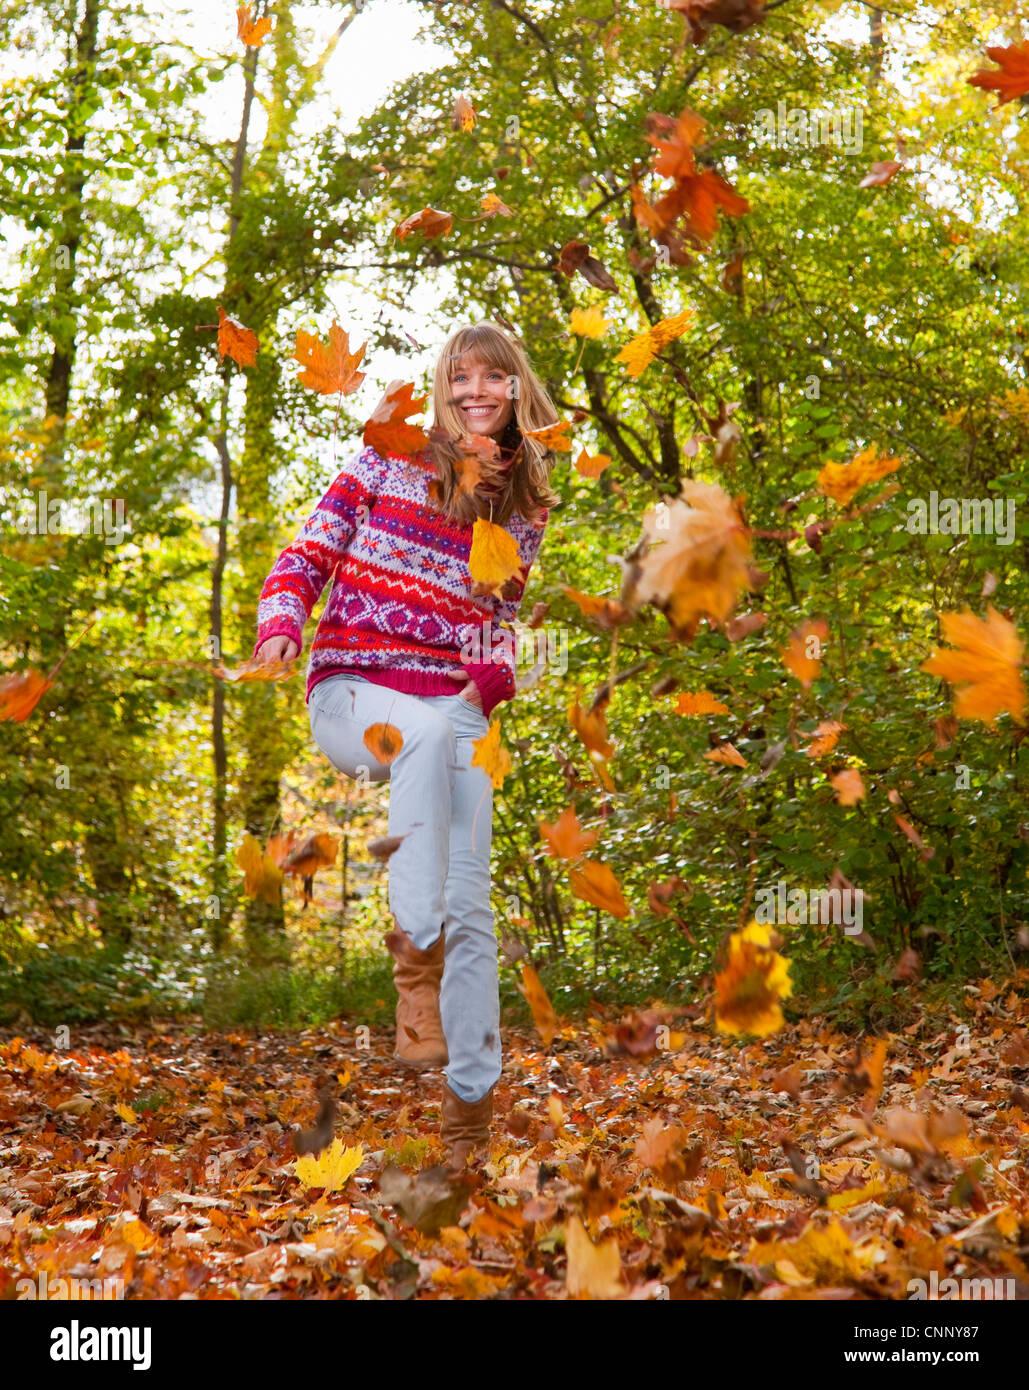 Mujer jugando en hojas caer Foto de stock